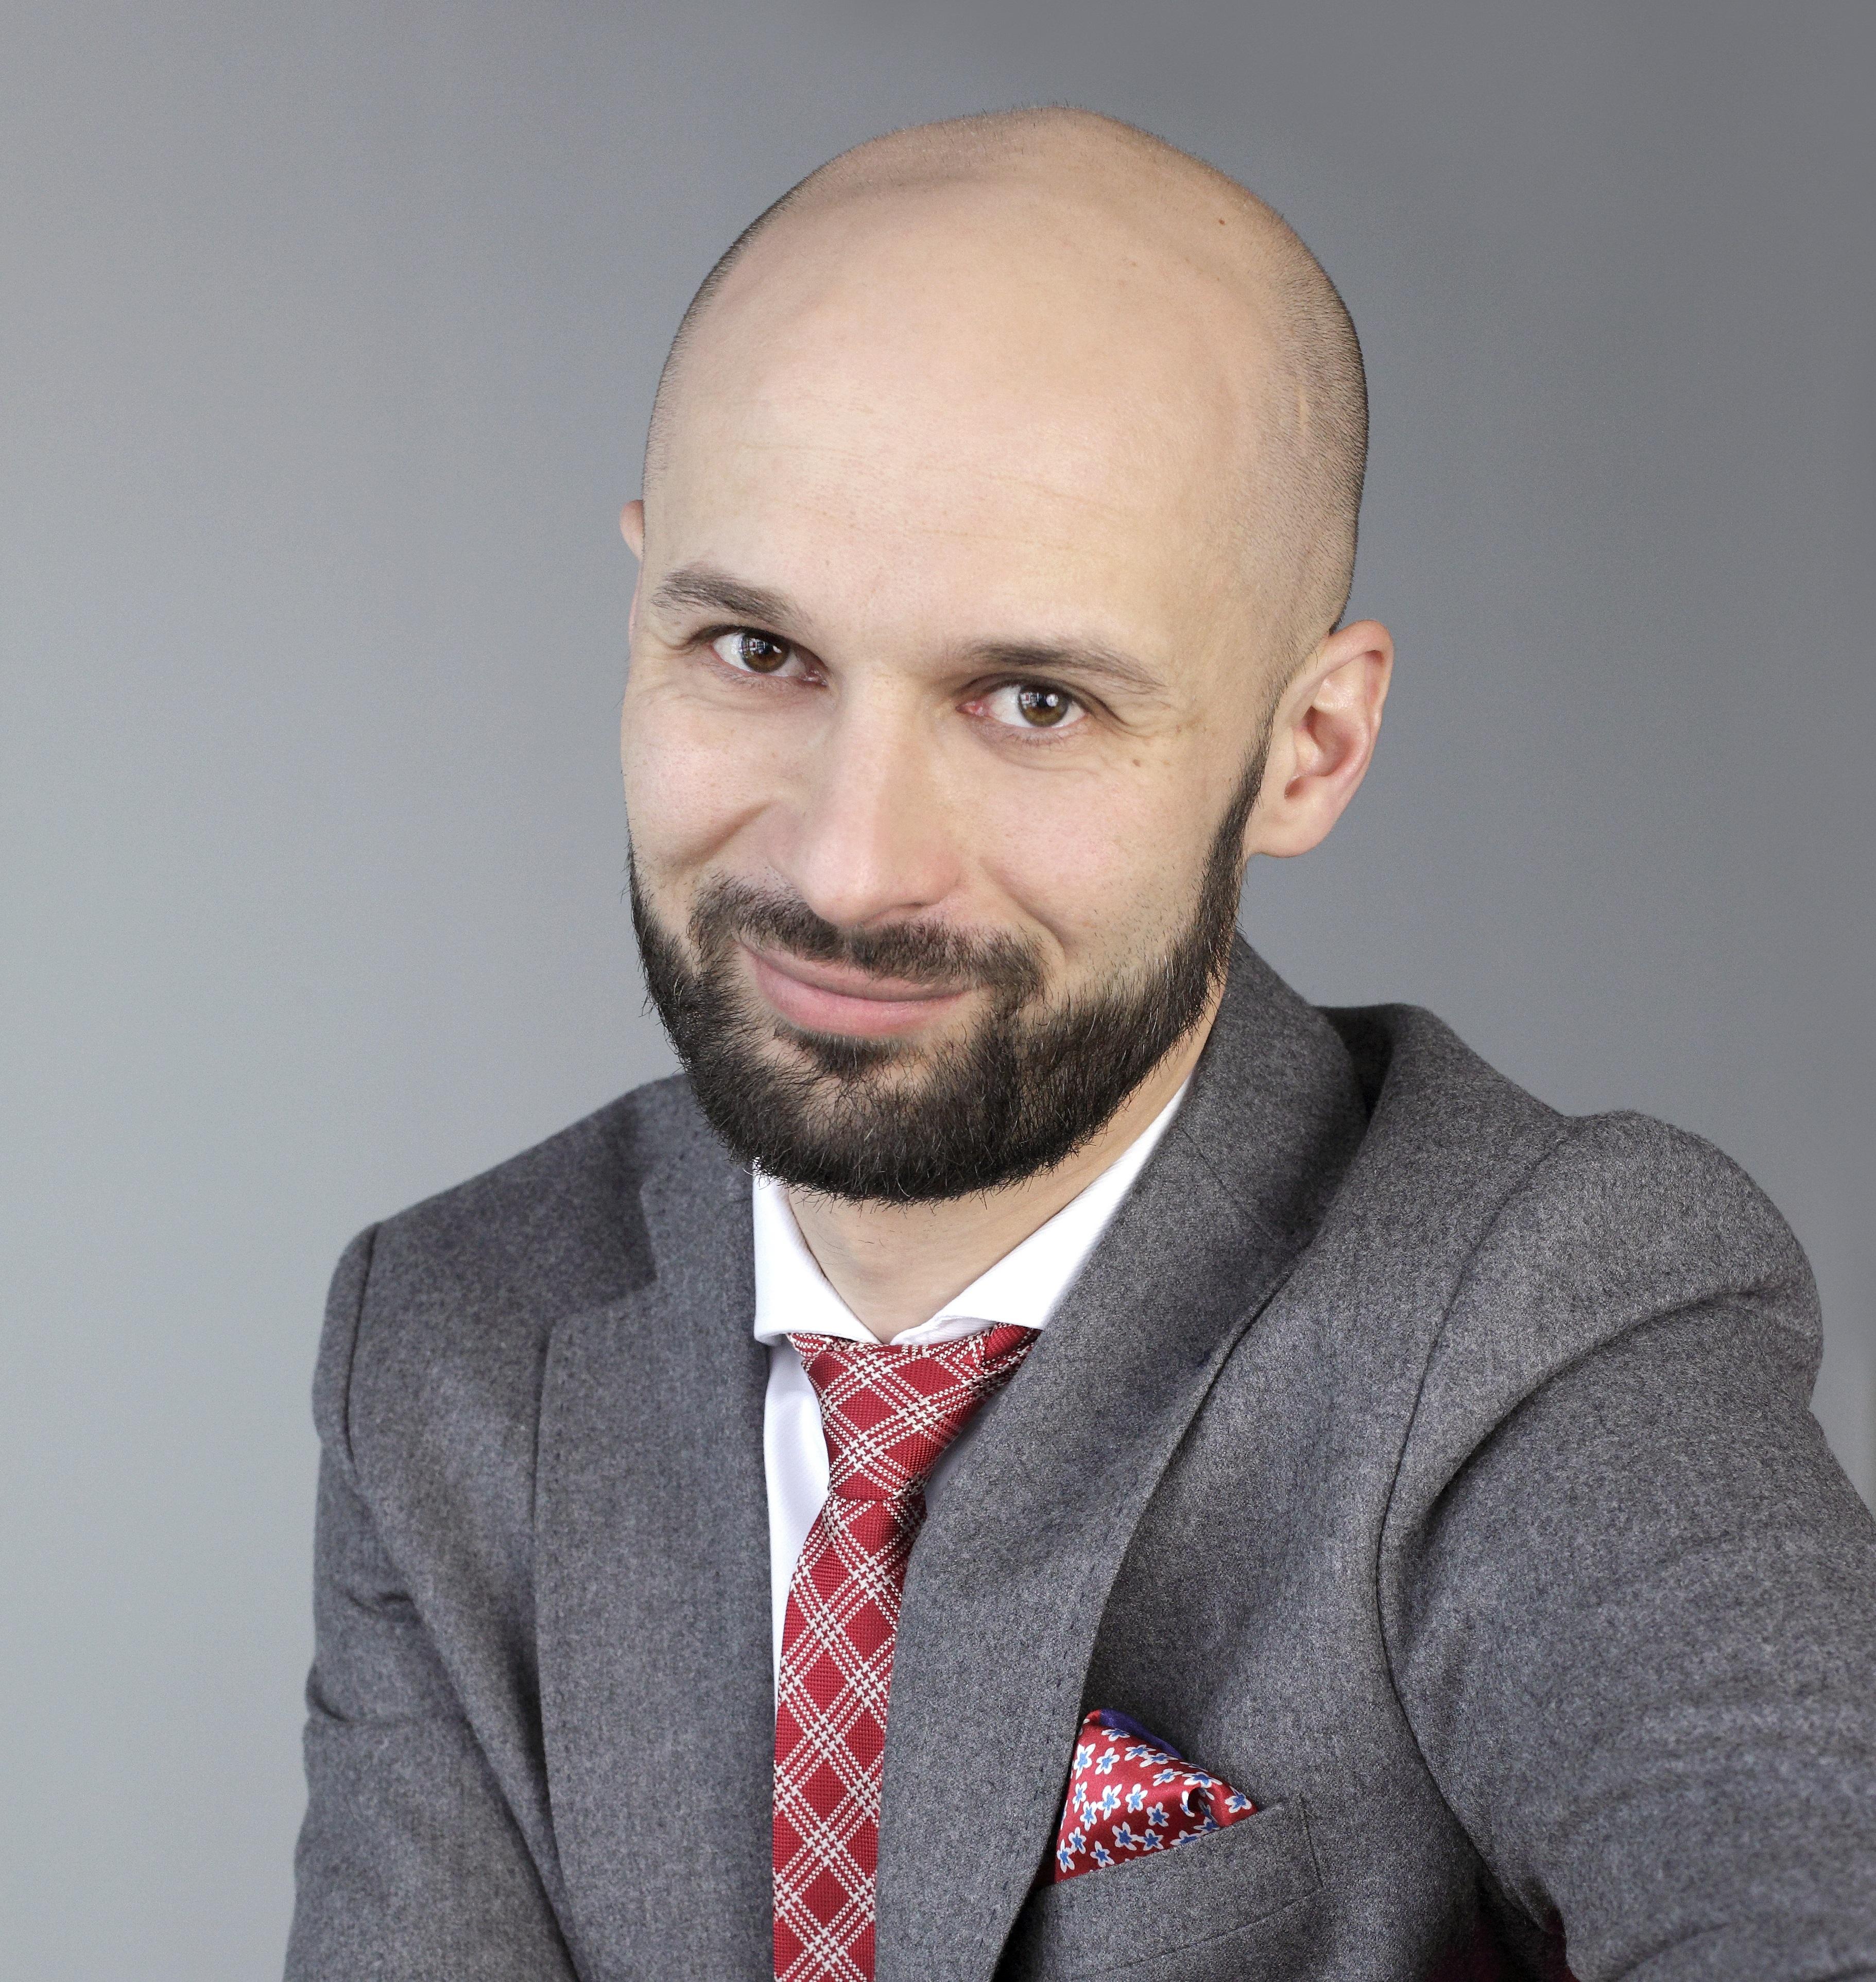 Wojciech Przybylski